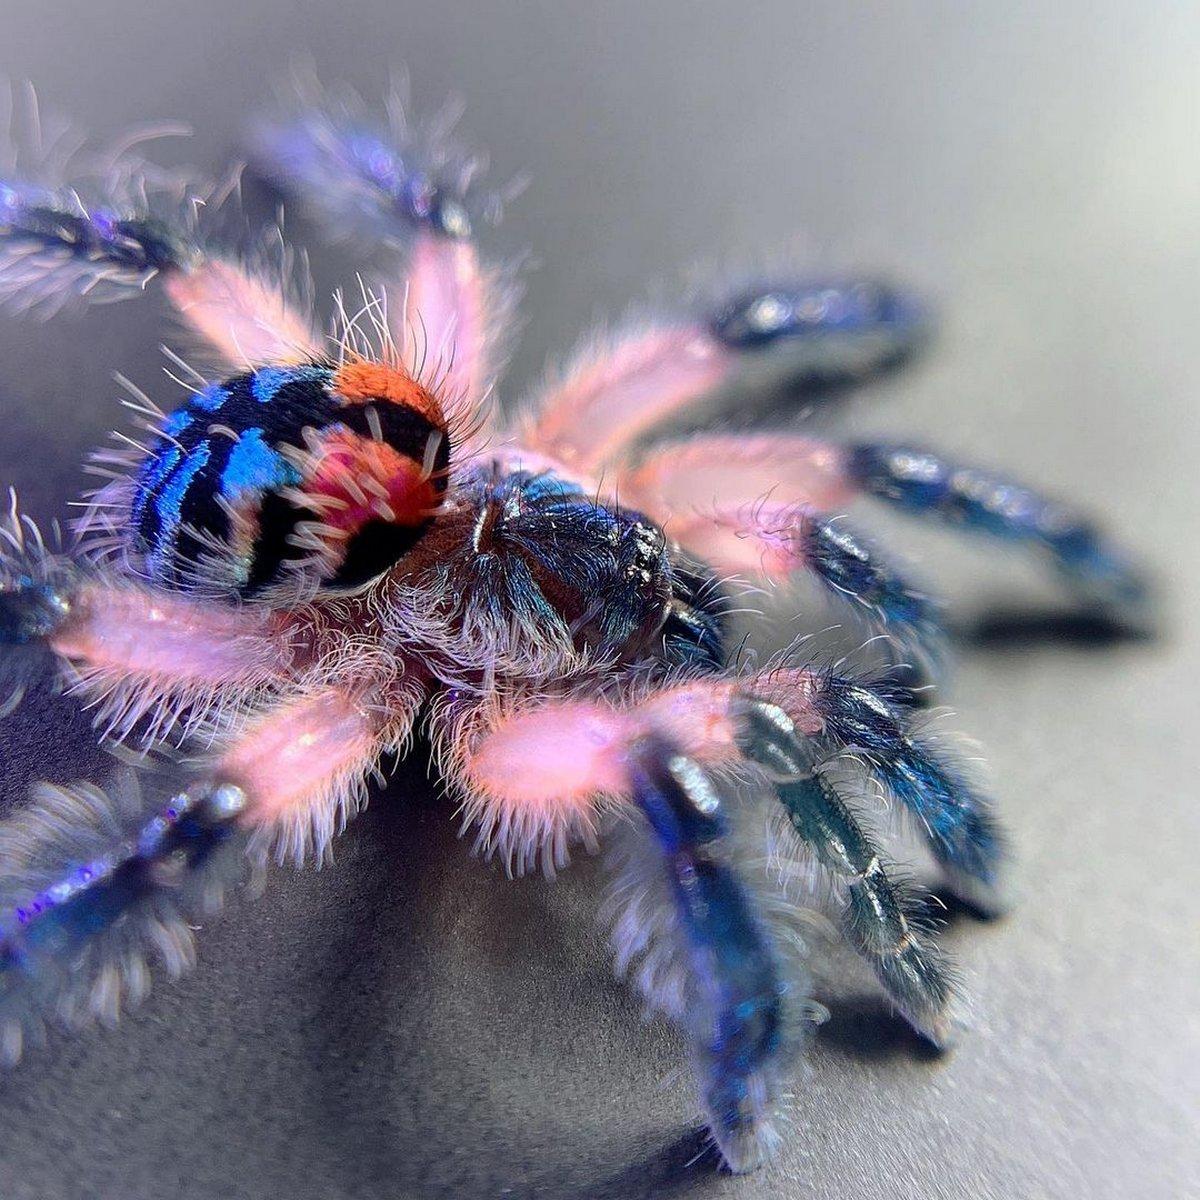 Ces mygales femelles vivent trois fois plus longtemps que les mâles de la même espèce